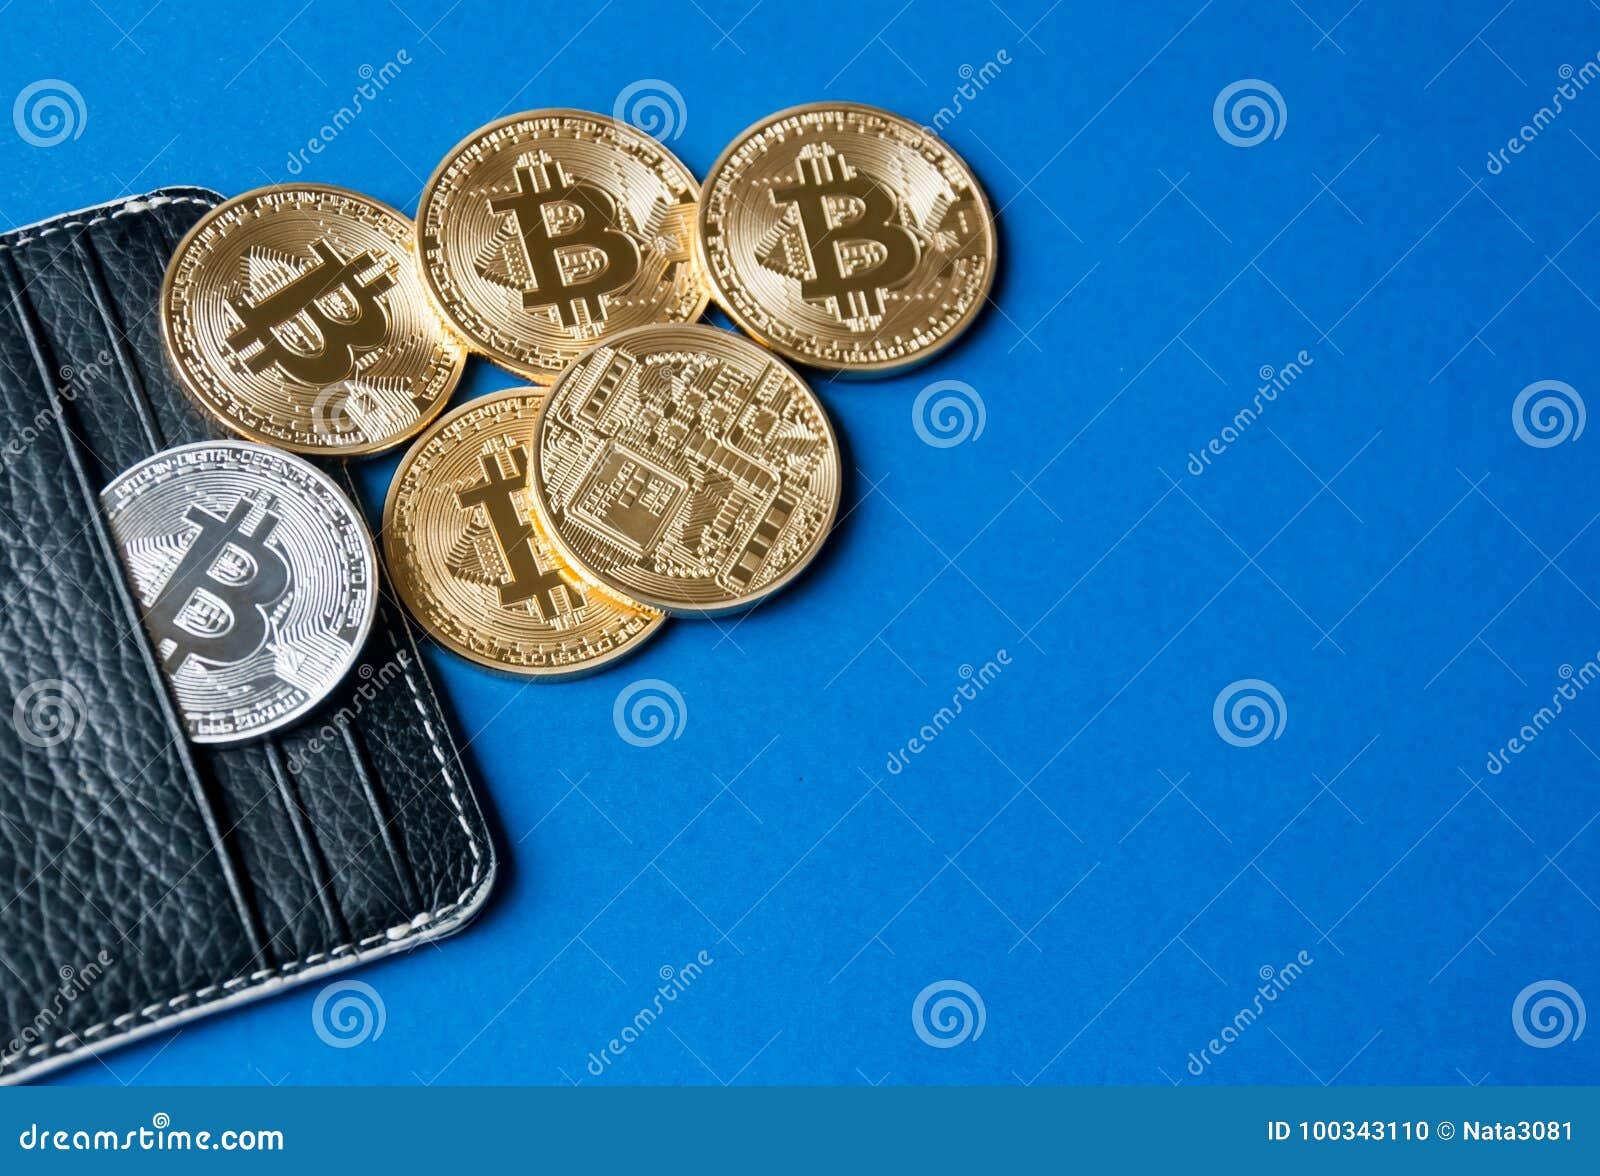 Carteira de couro preta em um fundo azul com diversos ouro e moedas de prata dos bitcoins que caem fora de seus bolsos